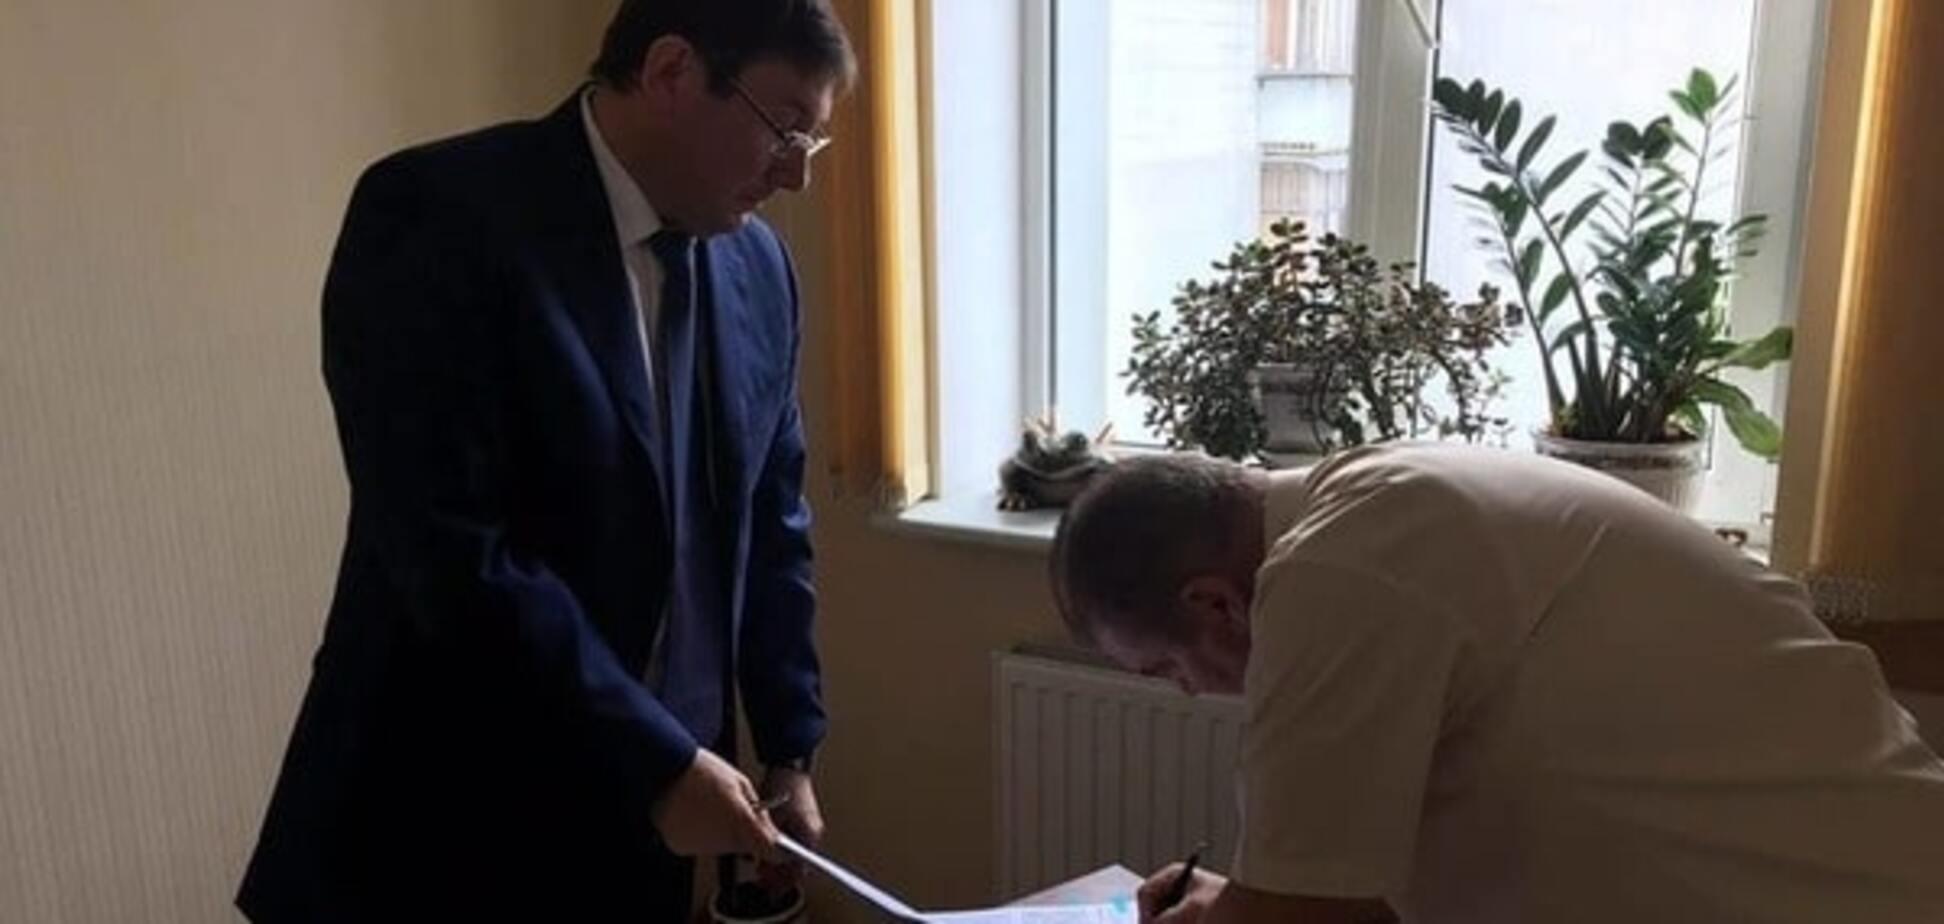 ВККС відсторонила спійманого на великому хабарі суддю Вищого госпсуду Швеця